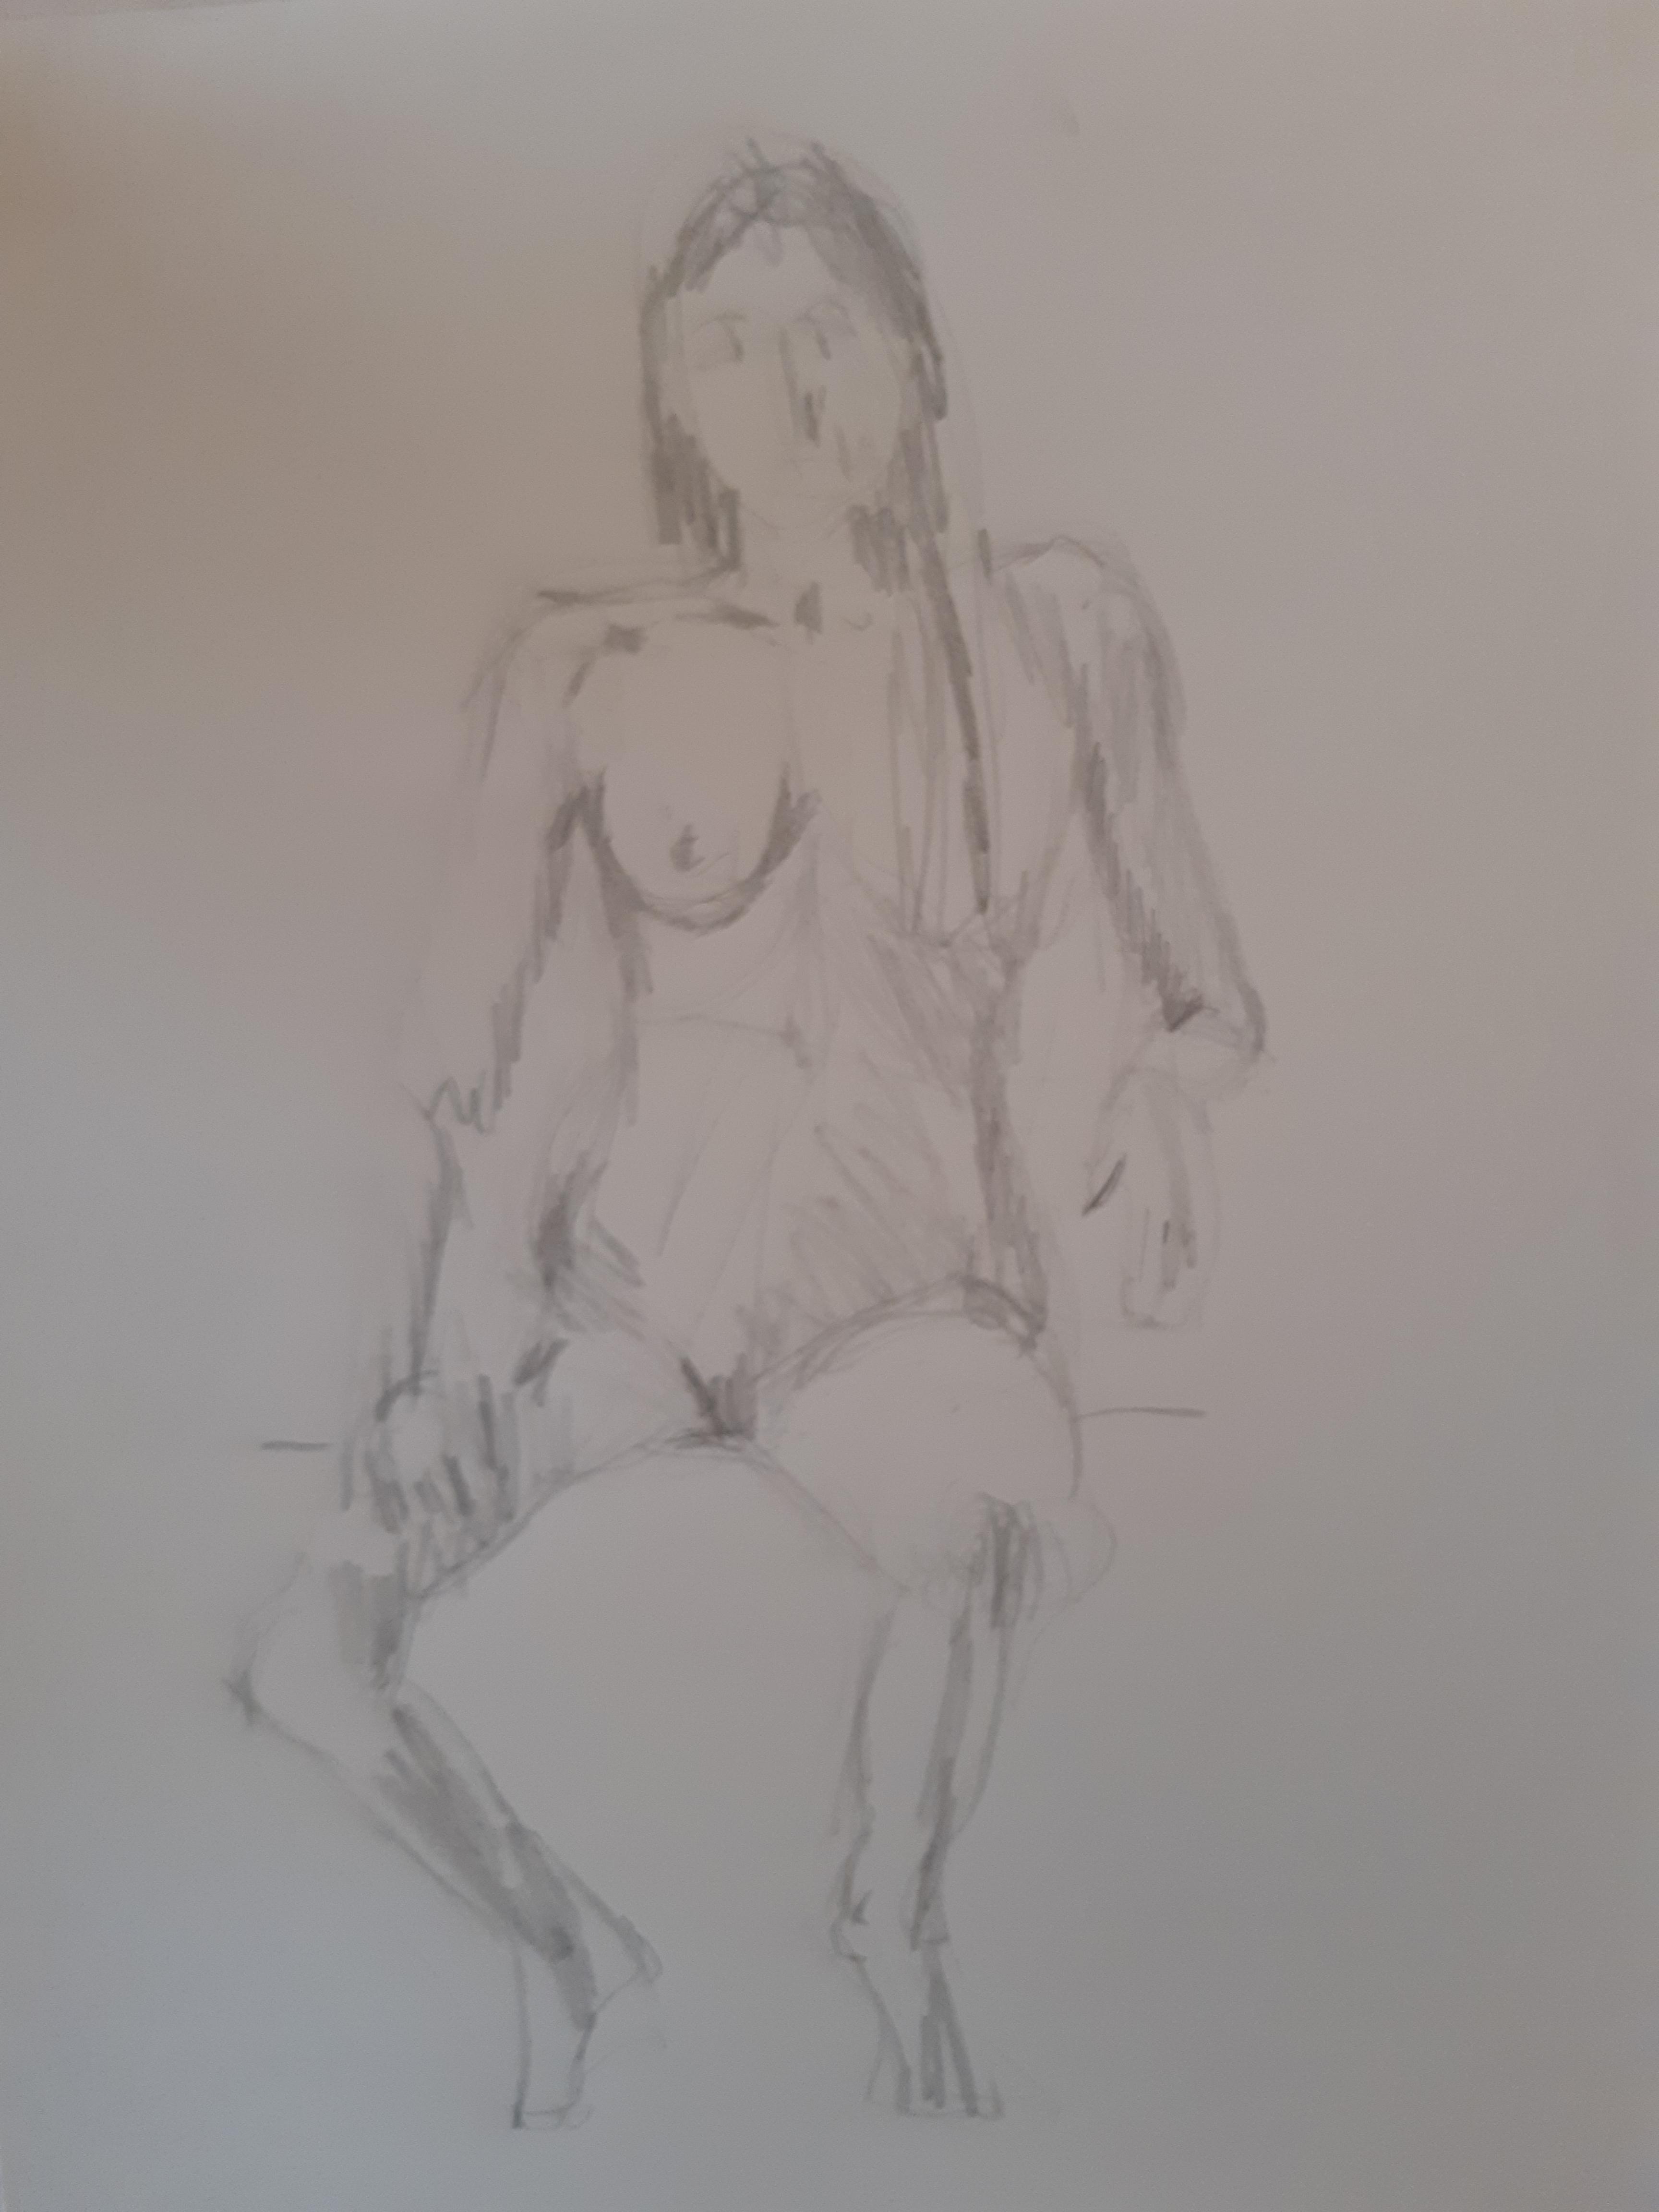 Esquisse crayon de papier avec hachures assis  cours de dessin